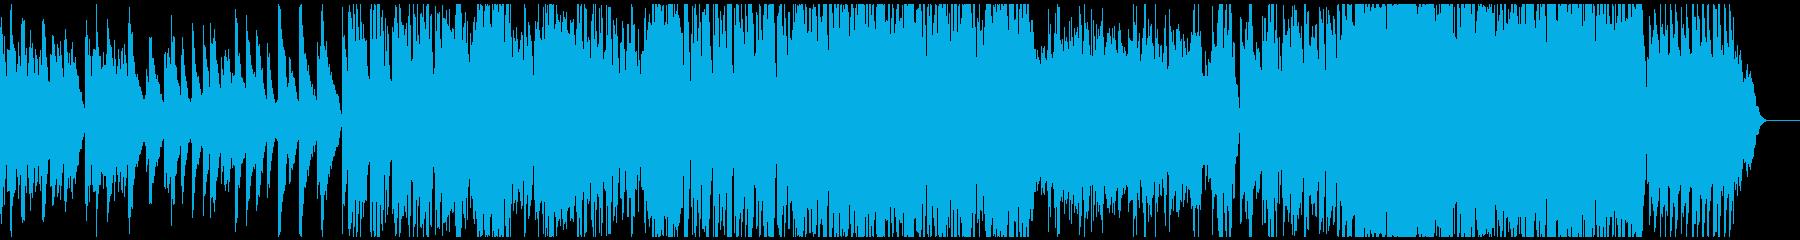 飴細工をイメージとしたキラキラしたBGMの再生済みの波形